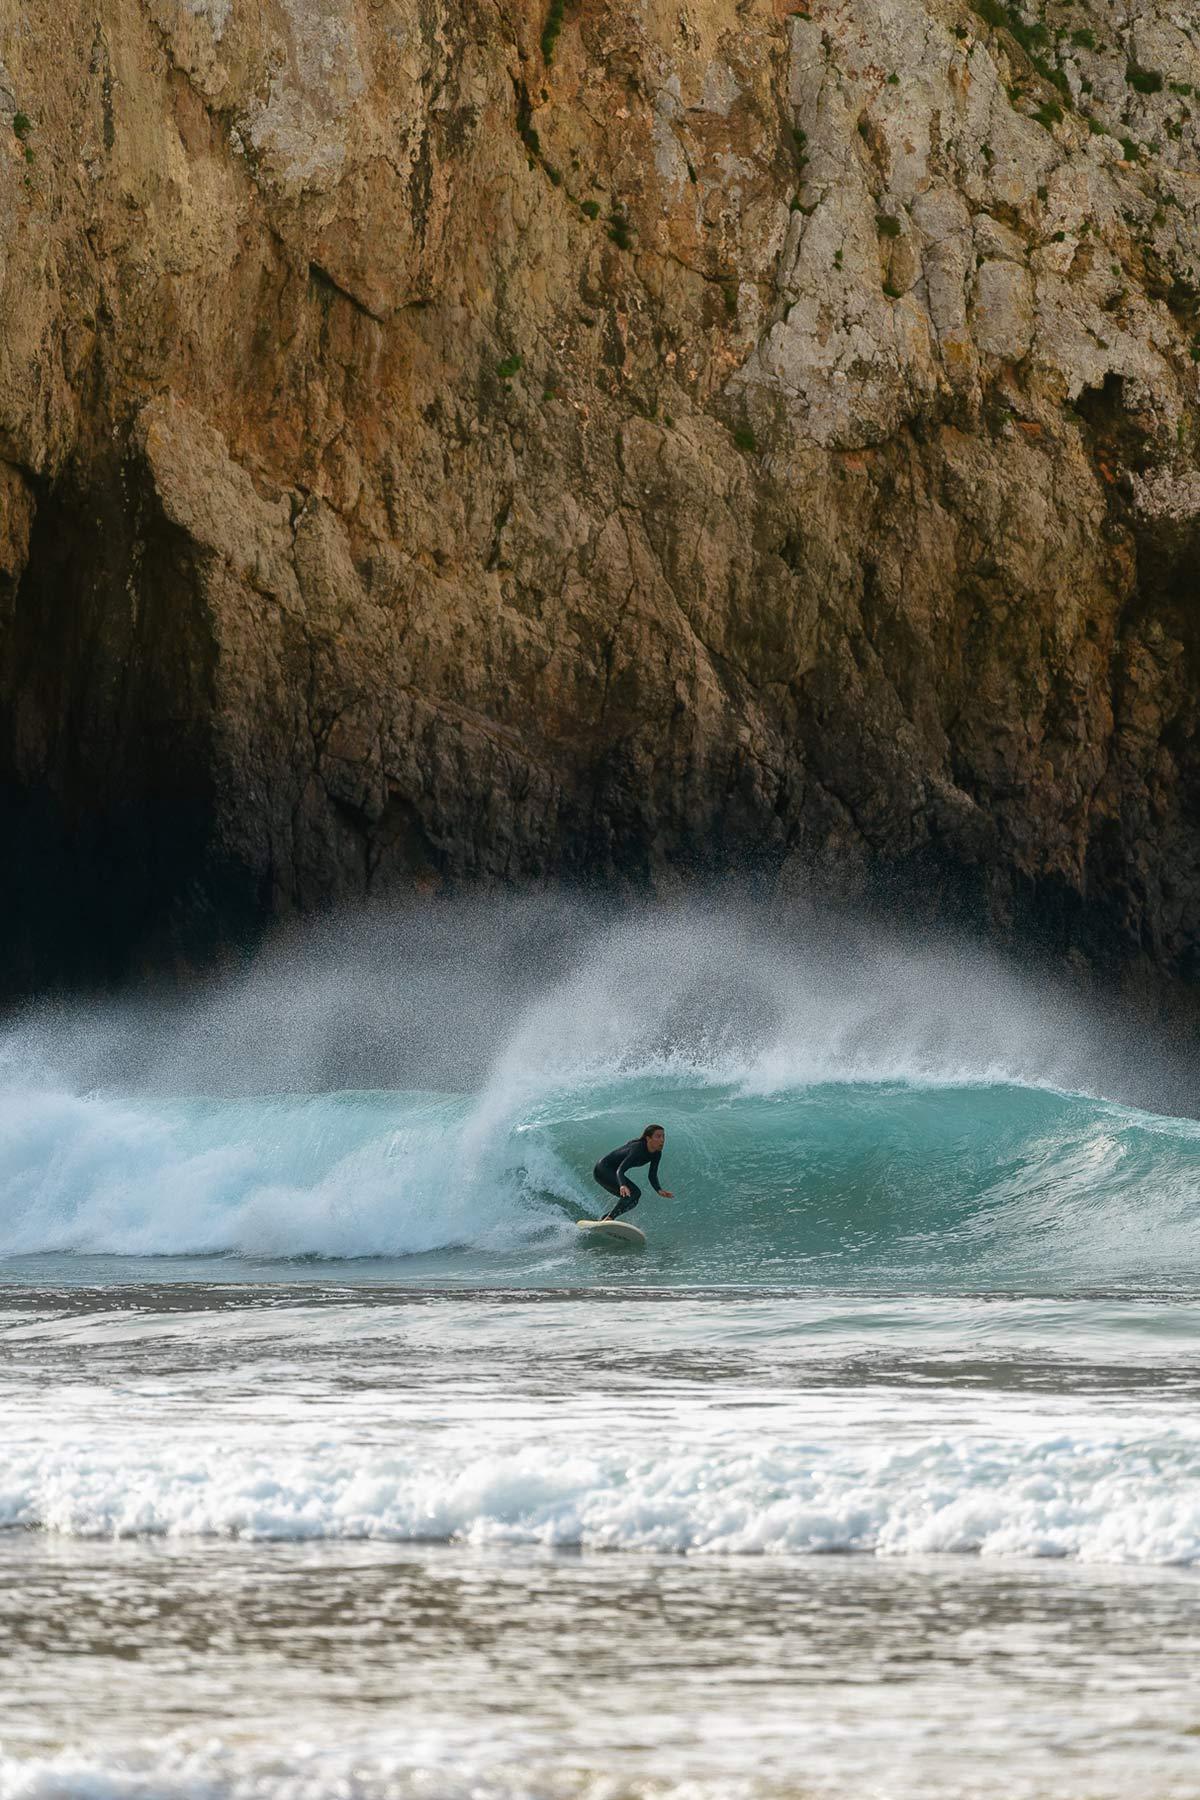 Praia do Beliche Surfer